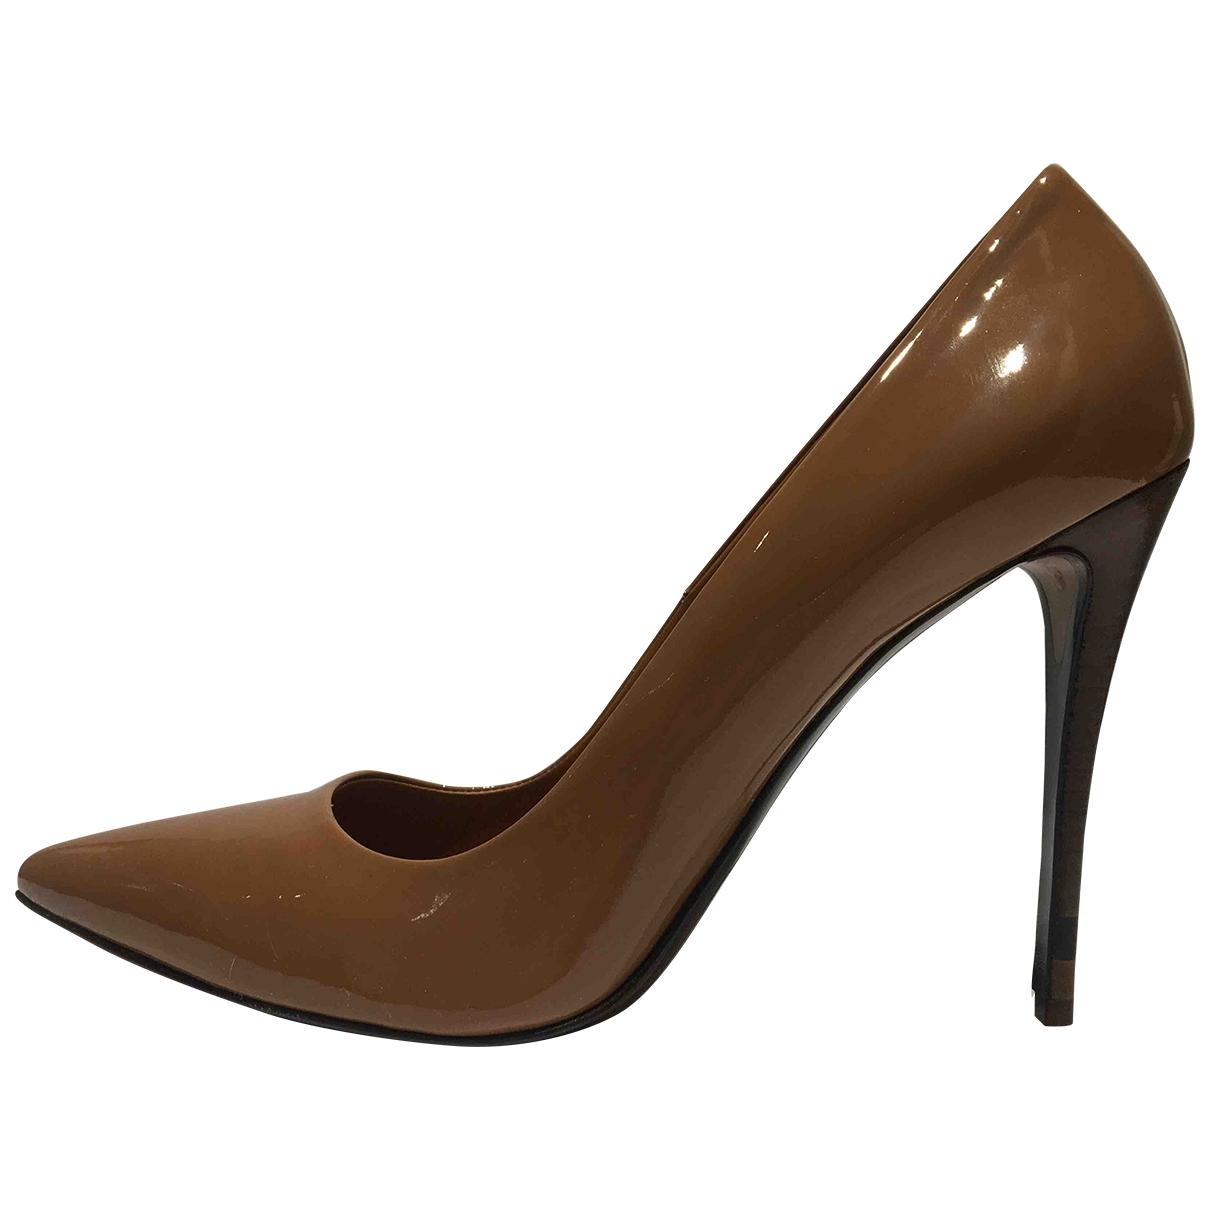 Fendi - Escarpins   pour femme en cuir verni - camel